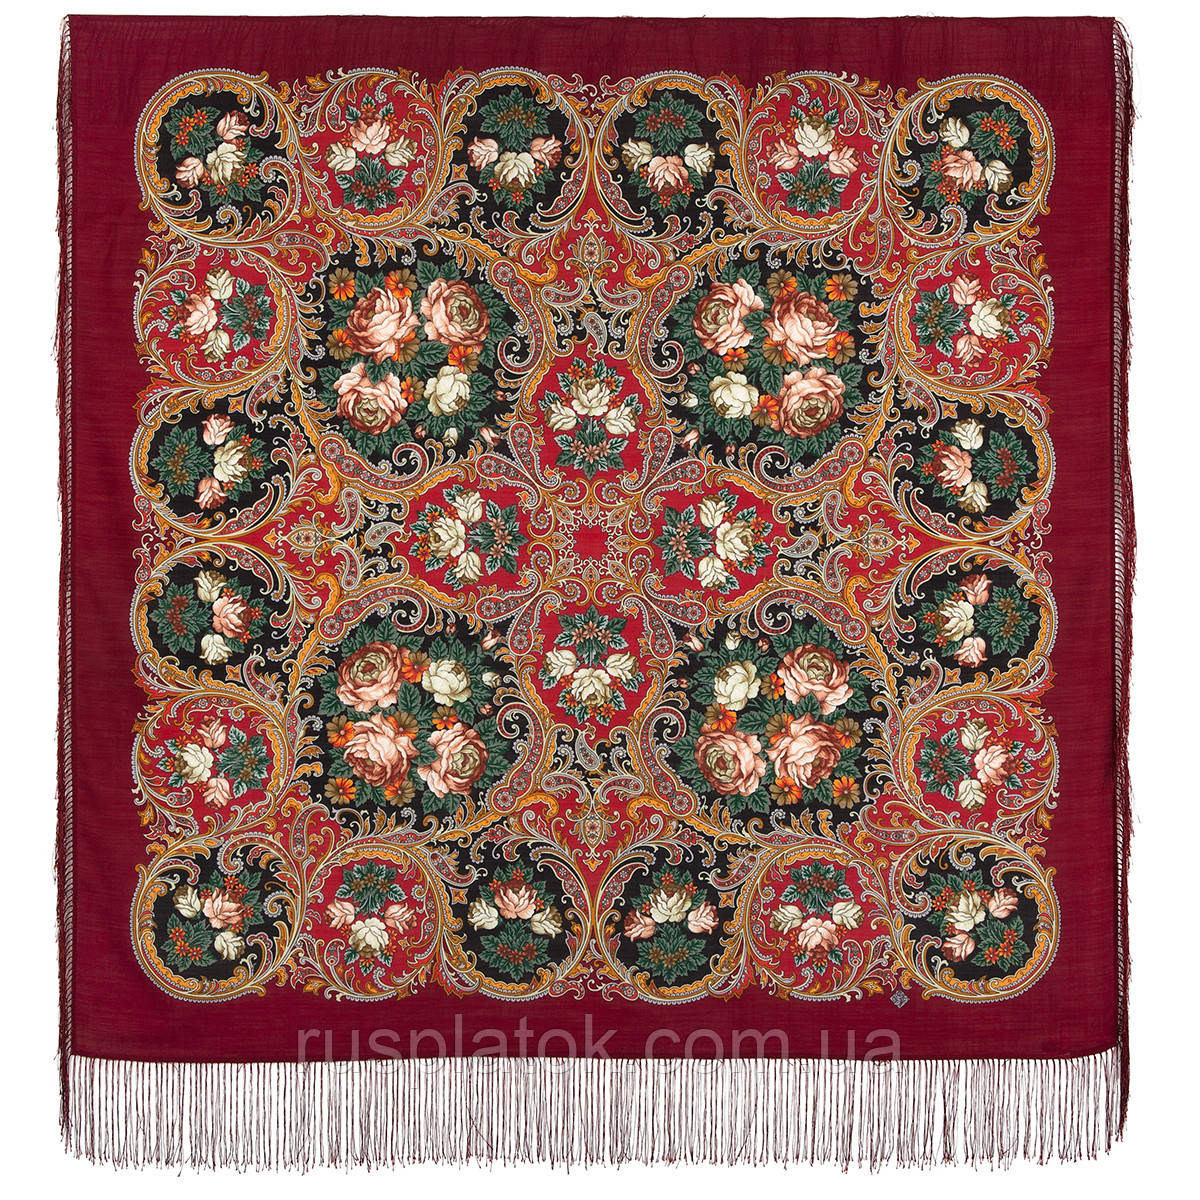 Песнь уходящего лета 1827-6, павлопосадский платок шерстяной с шелковой бахромой